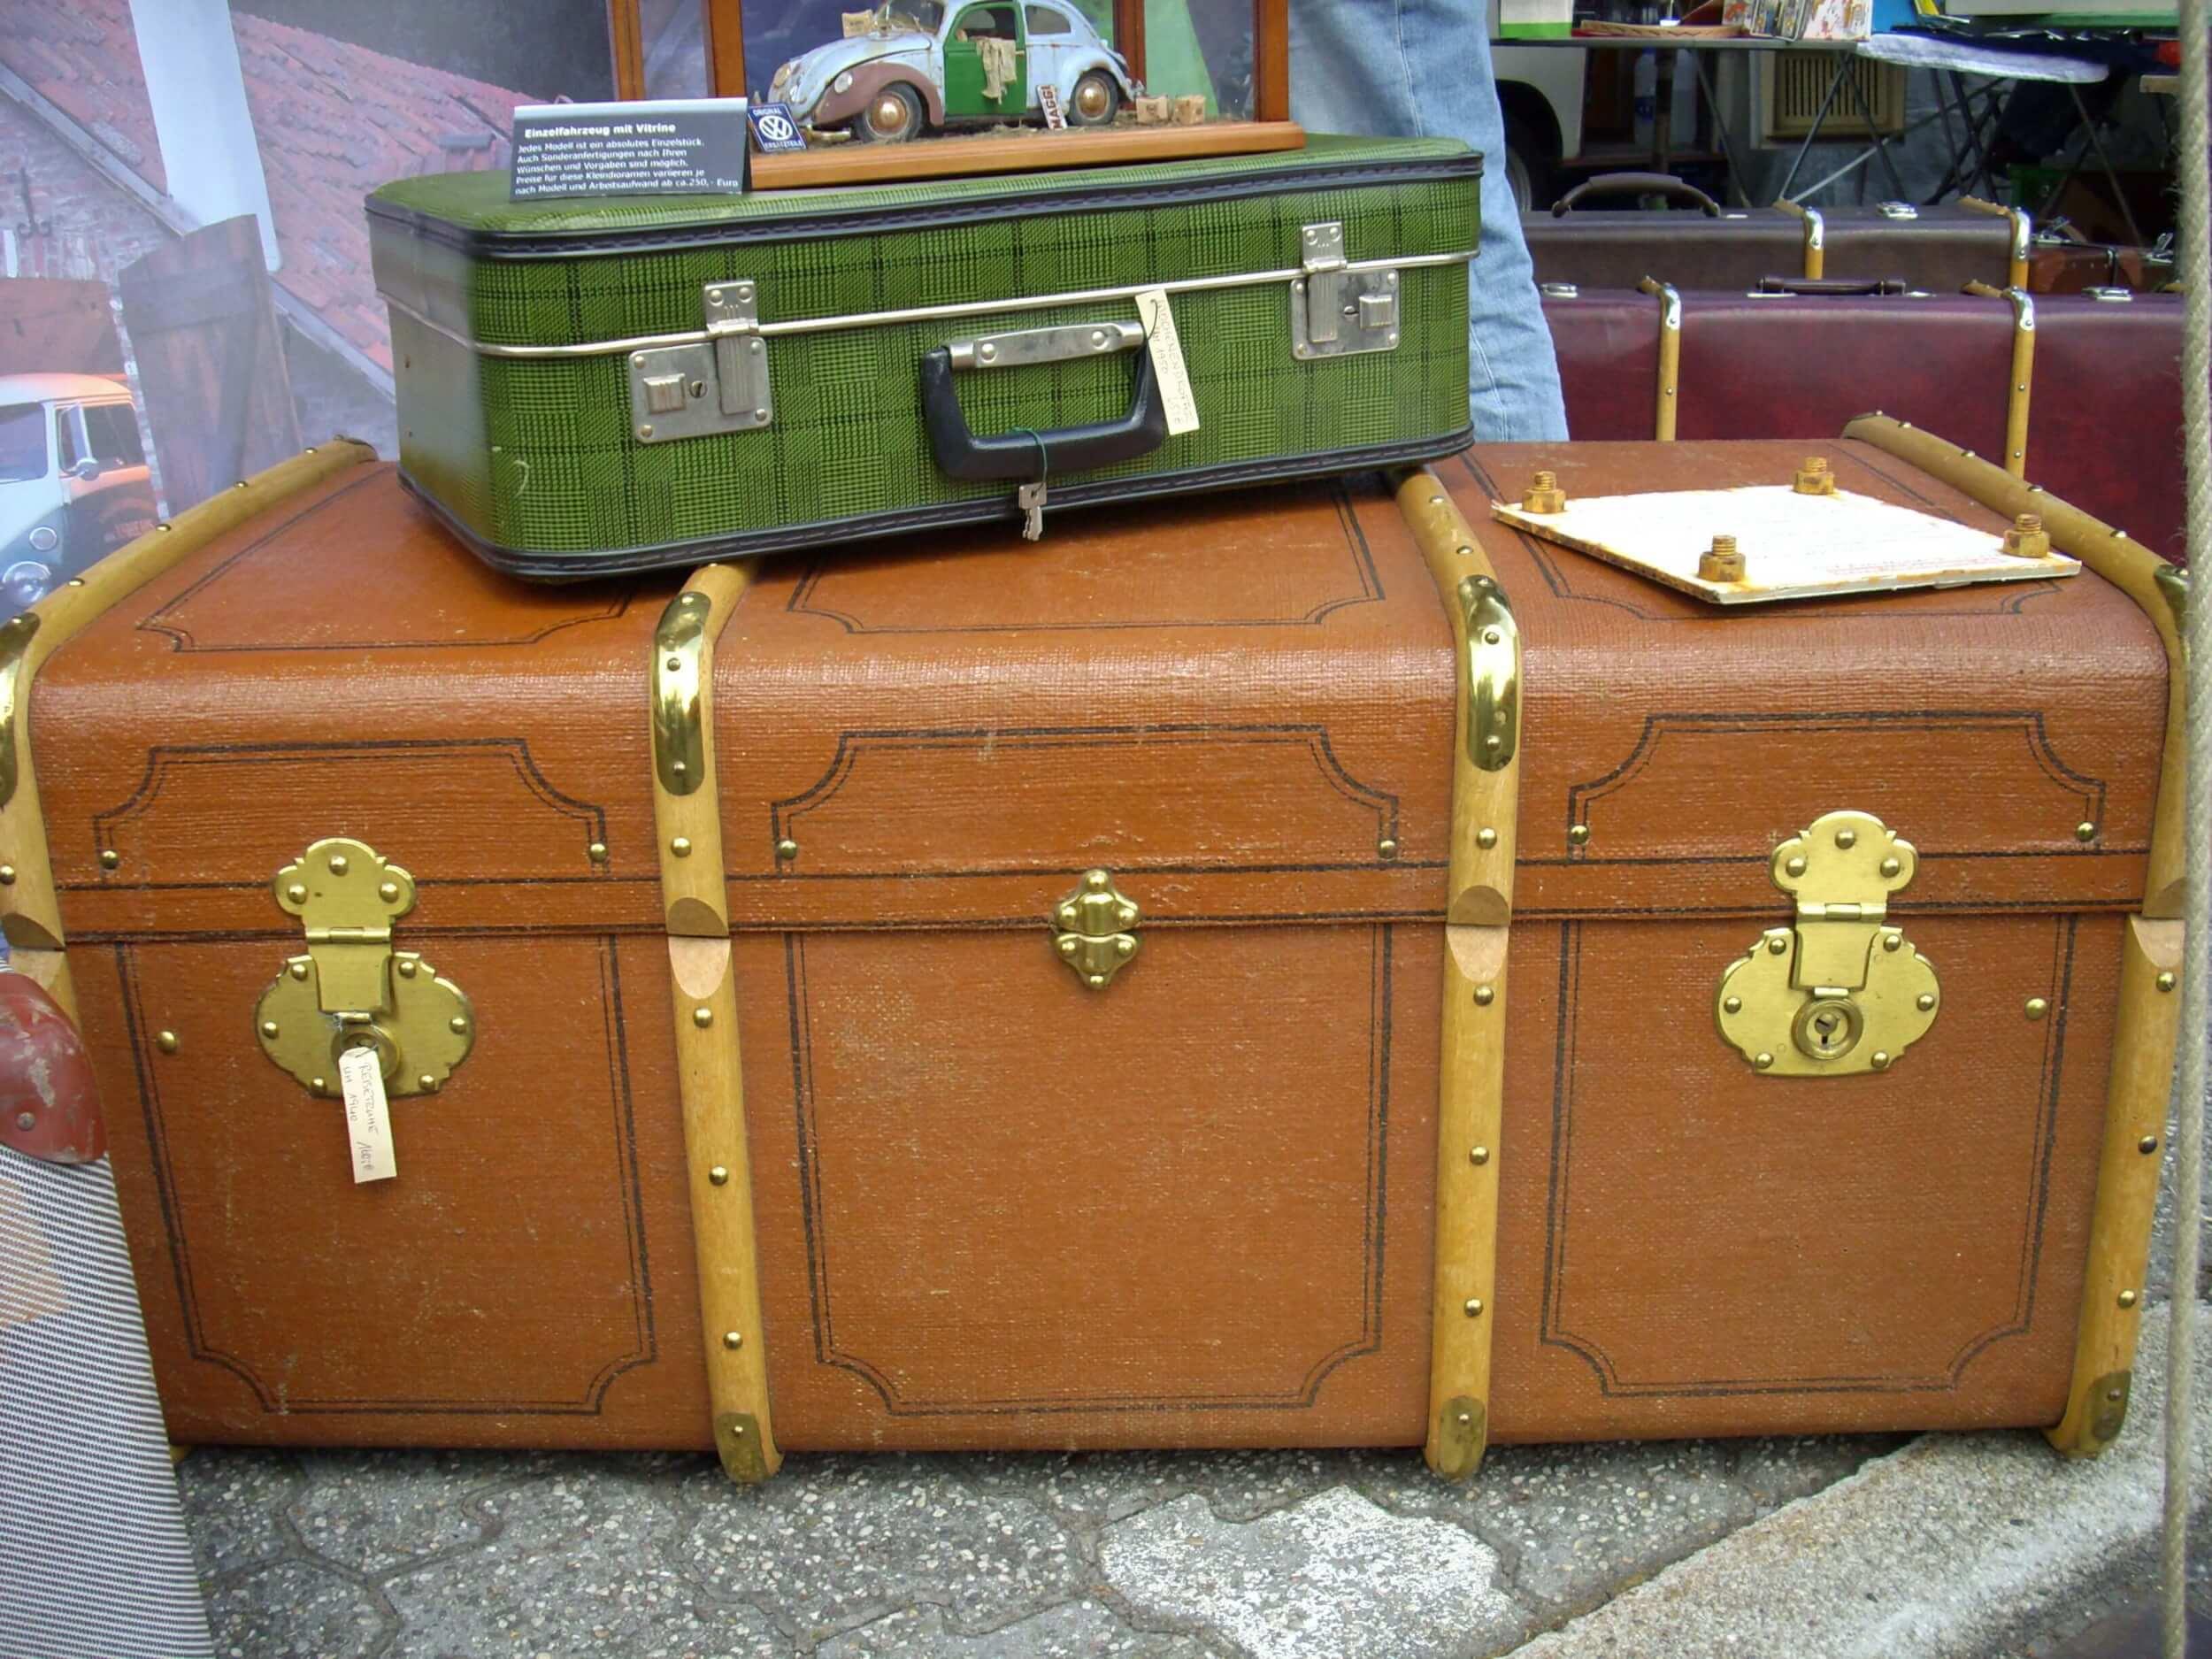 Urlaub | Koffer packen (c) Rike / pixelio.de